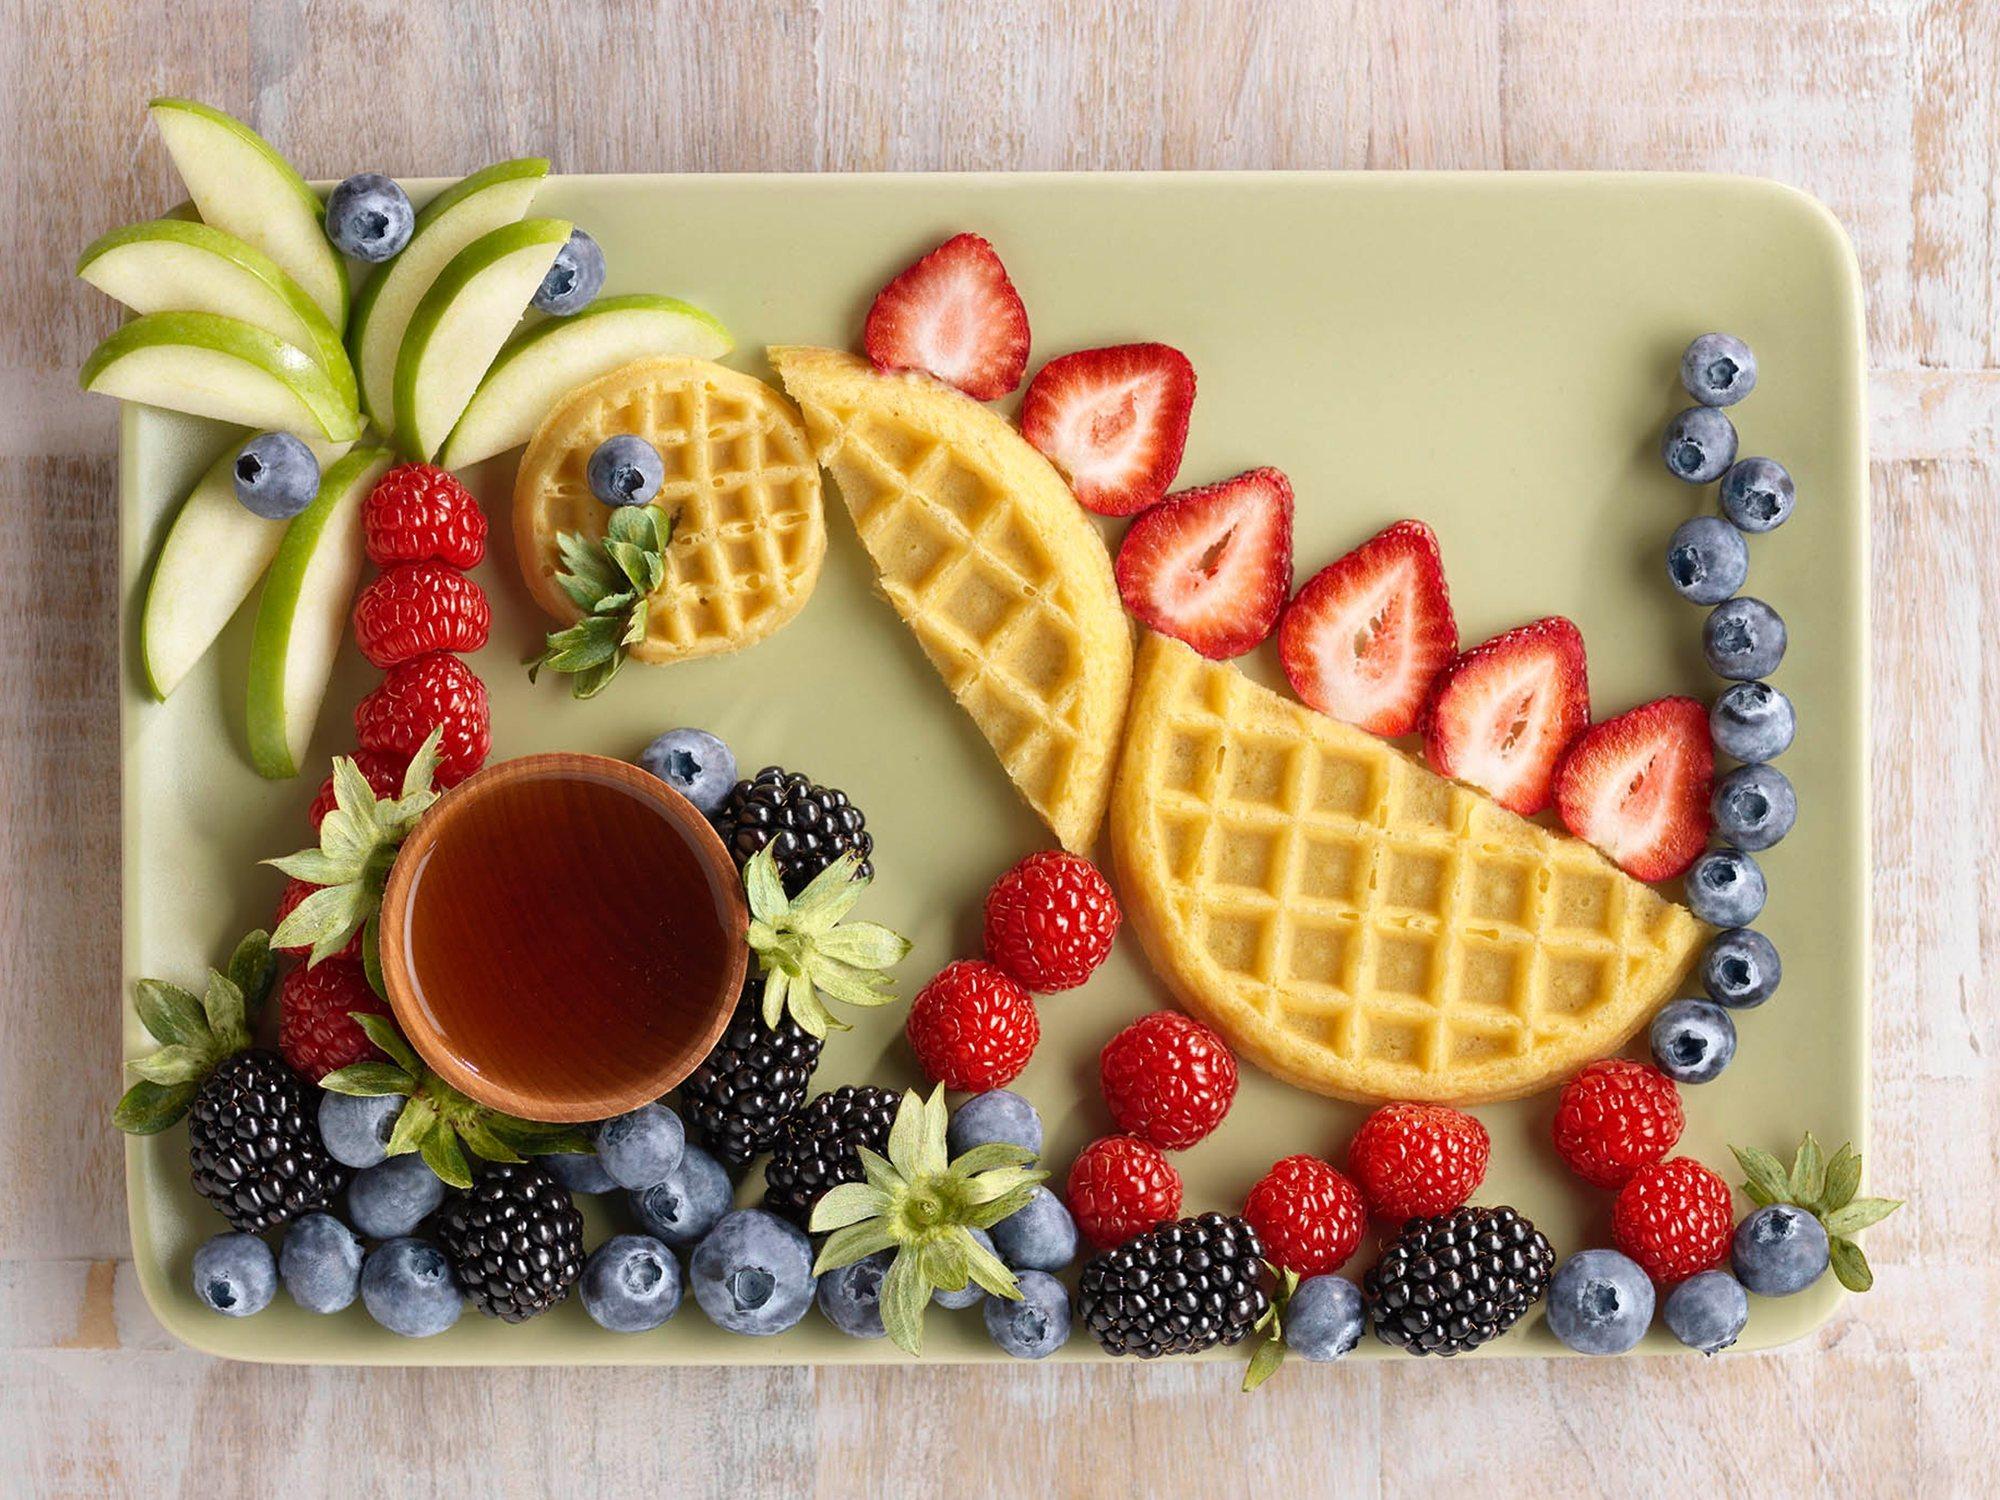 #FoodArt o cómo convertir la comida en una obra de arte en Instagram